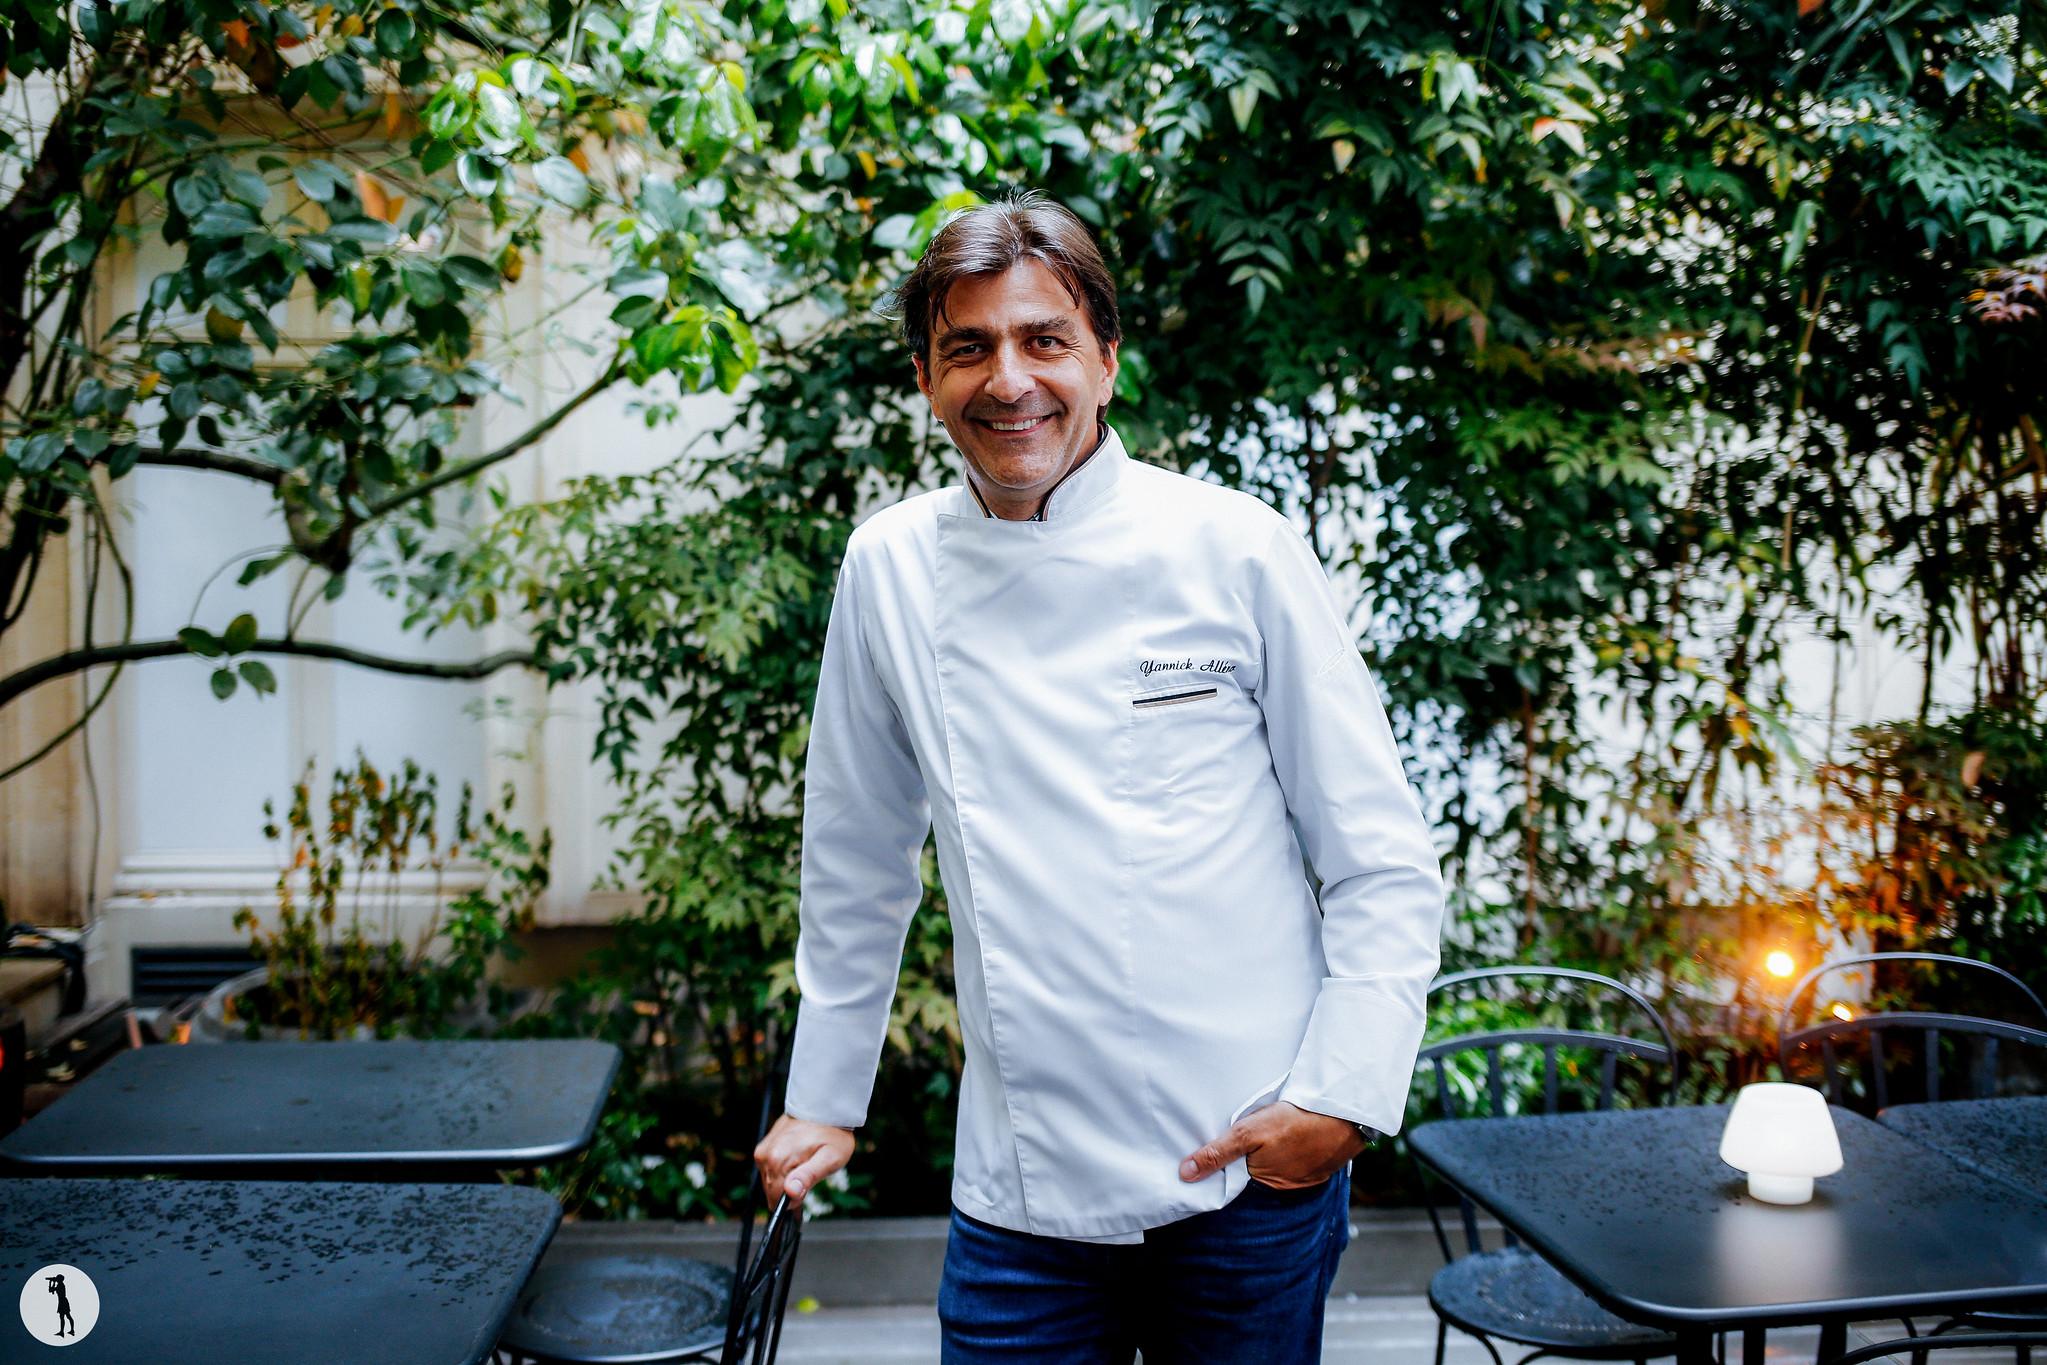 Degustation au Sofitel Paris Le Faubourg- Restaurant Le Stay. Chef Yannick Alleno photographié par Marie-Paola BERTRAND-HILLION